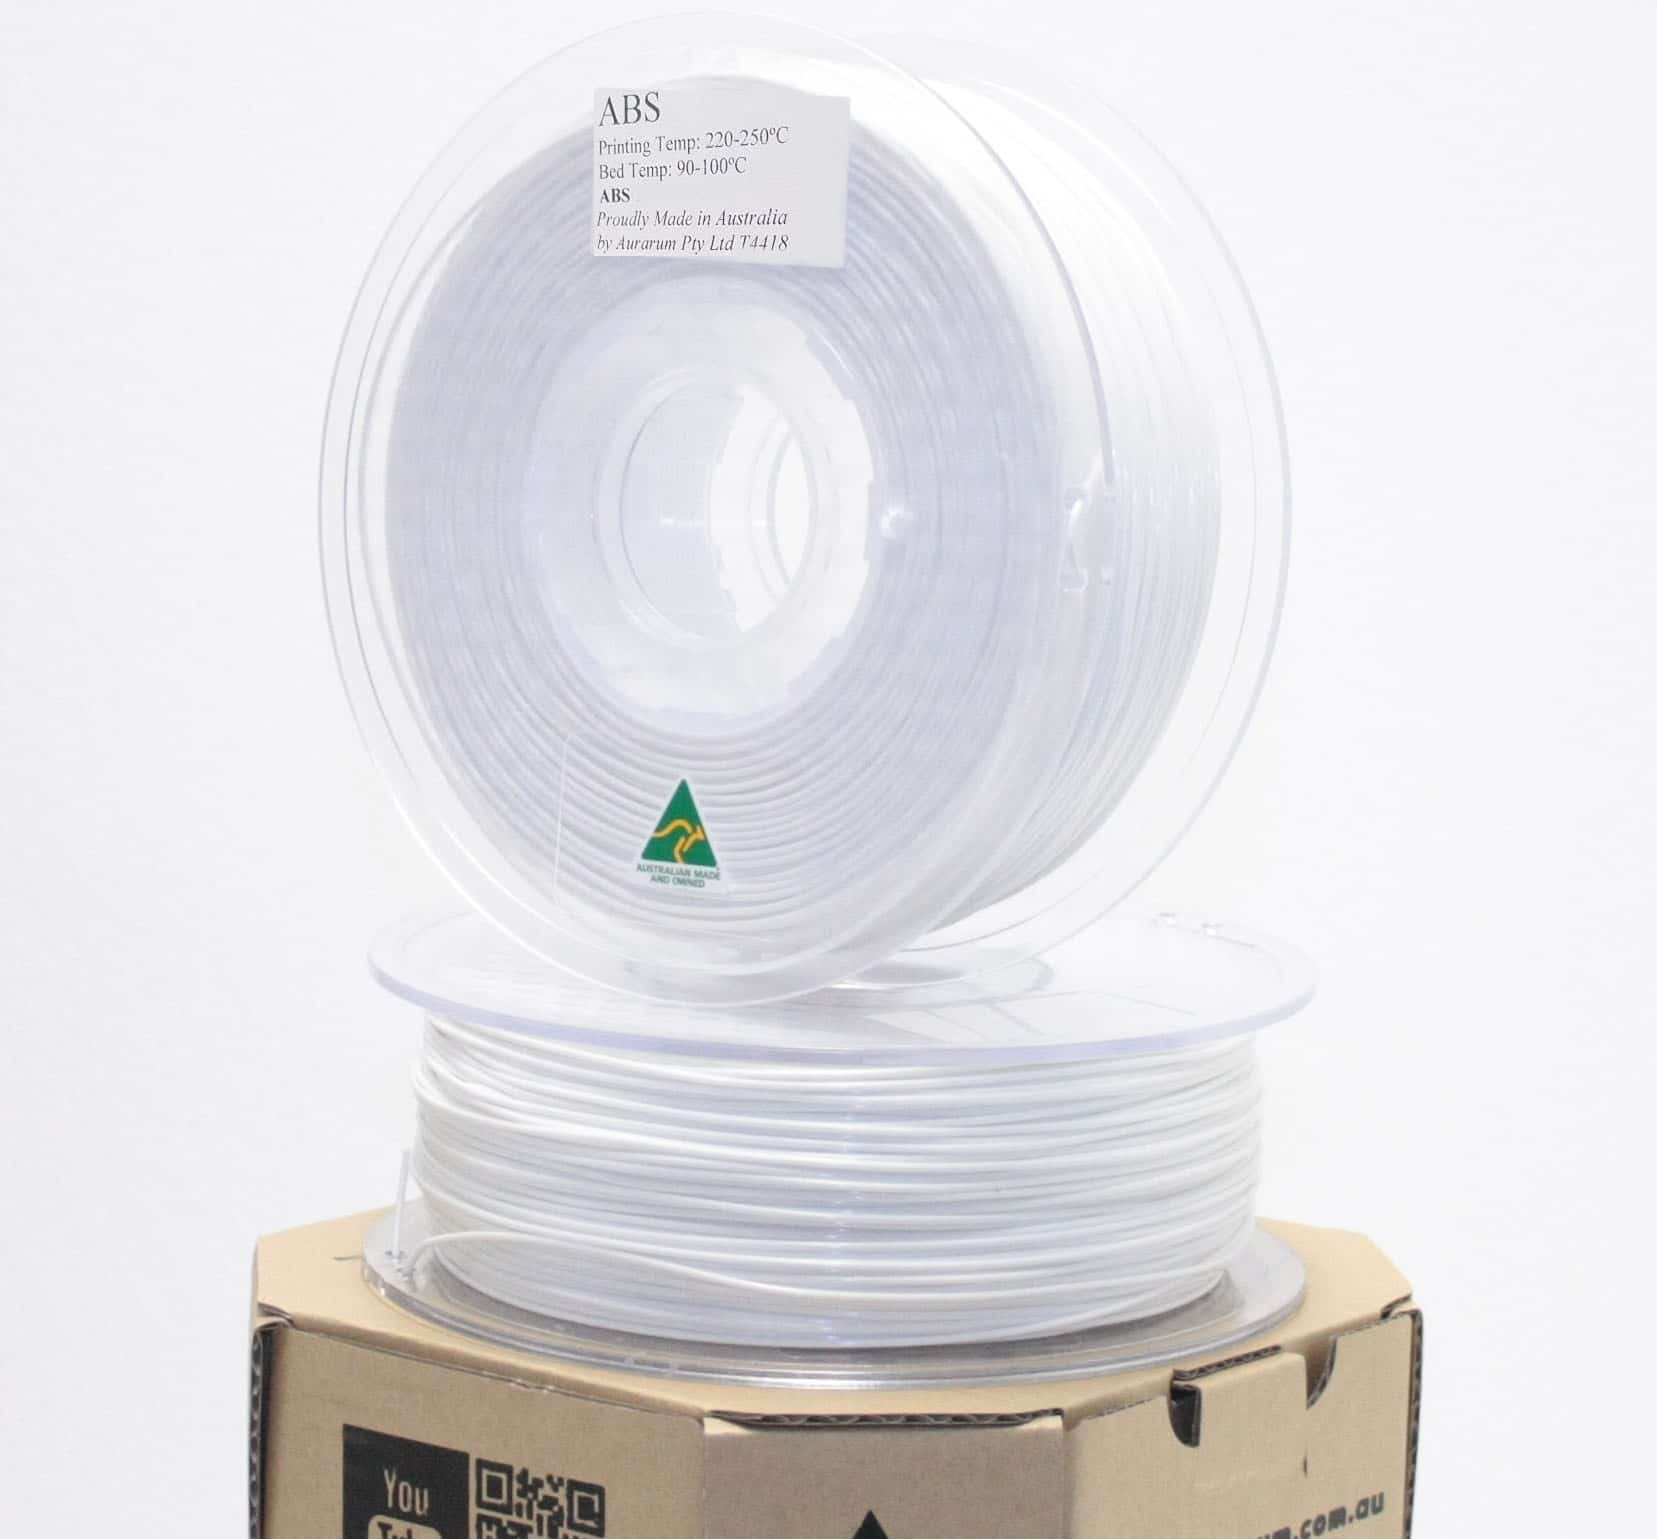 Aurarum Orange PETG 1.75mm Filament 1kg